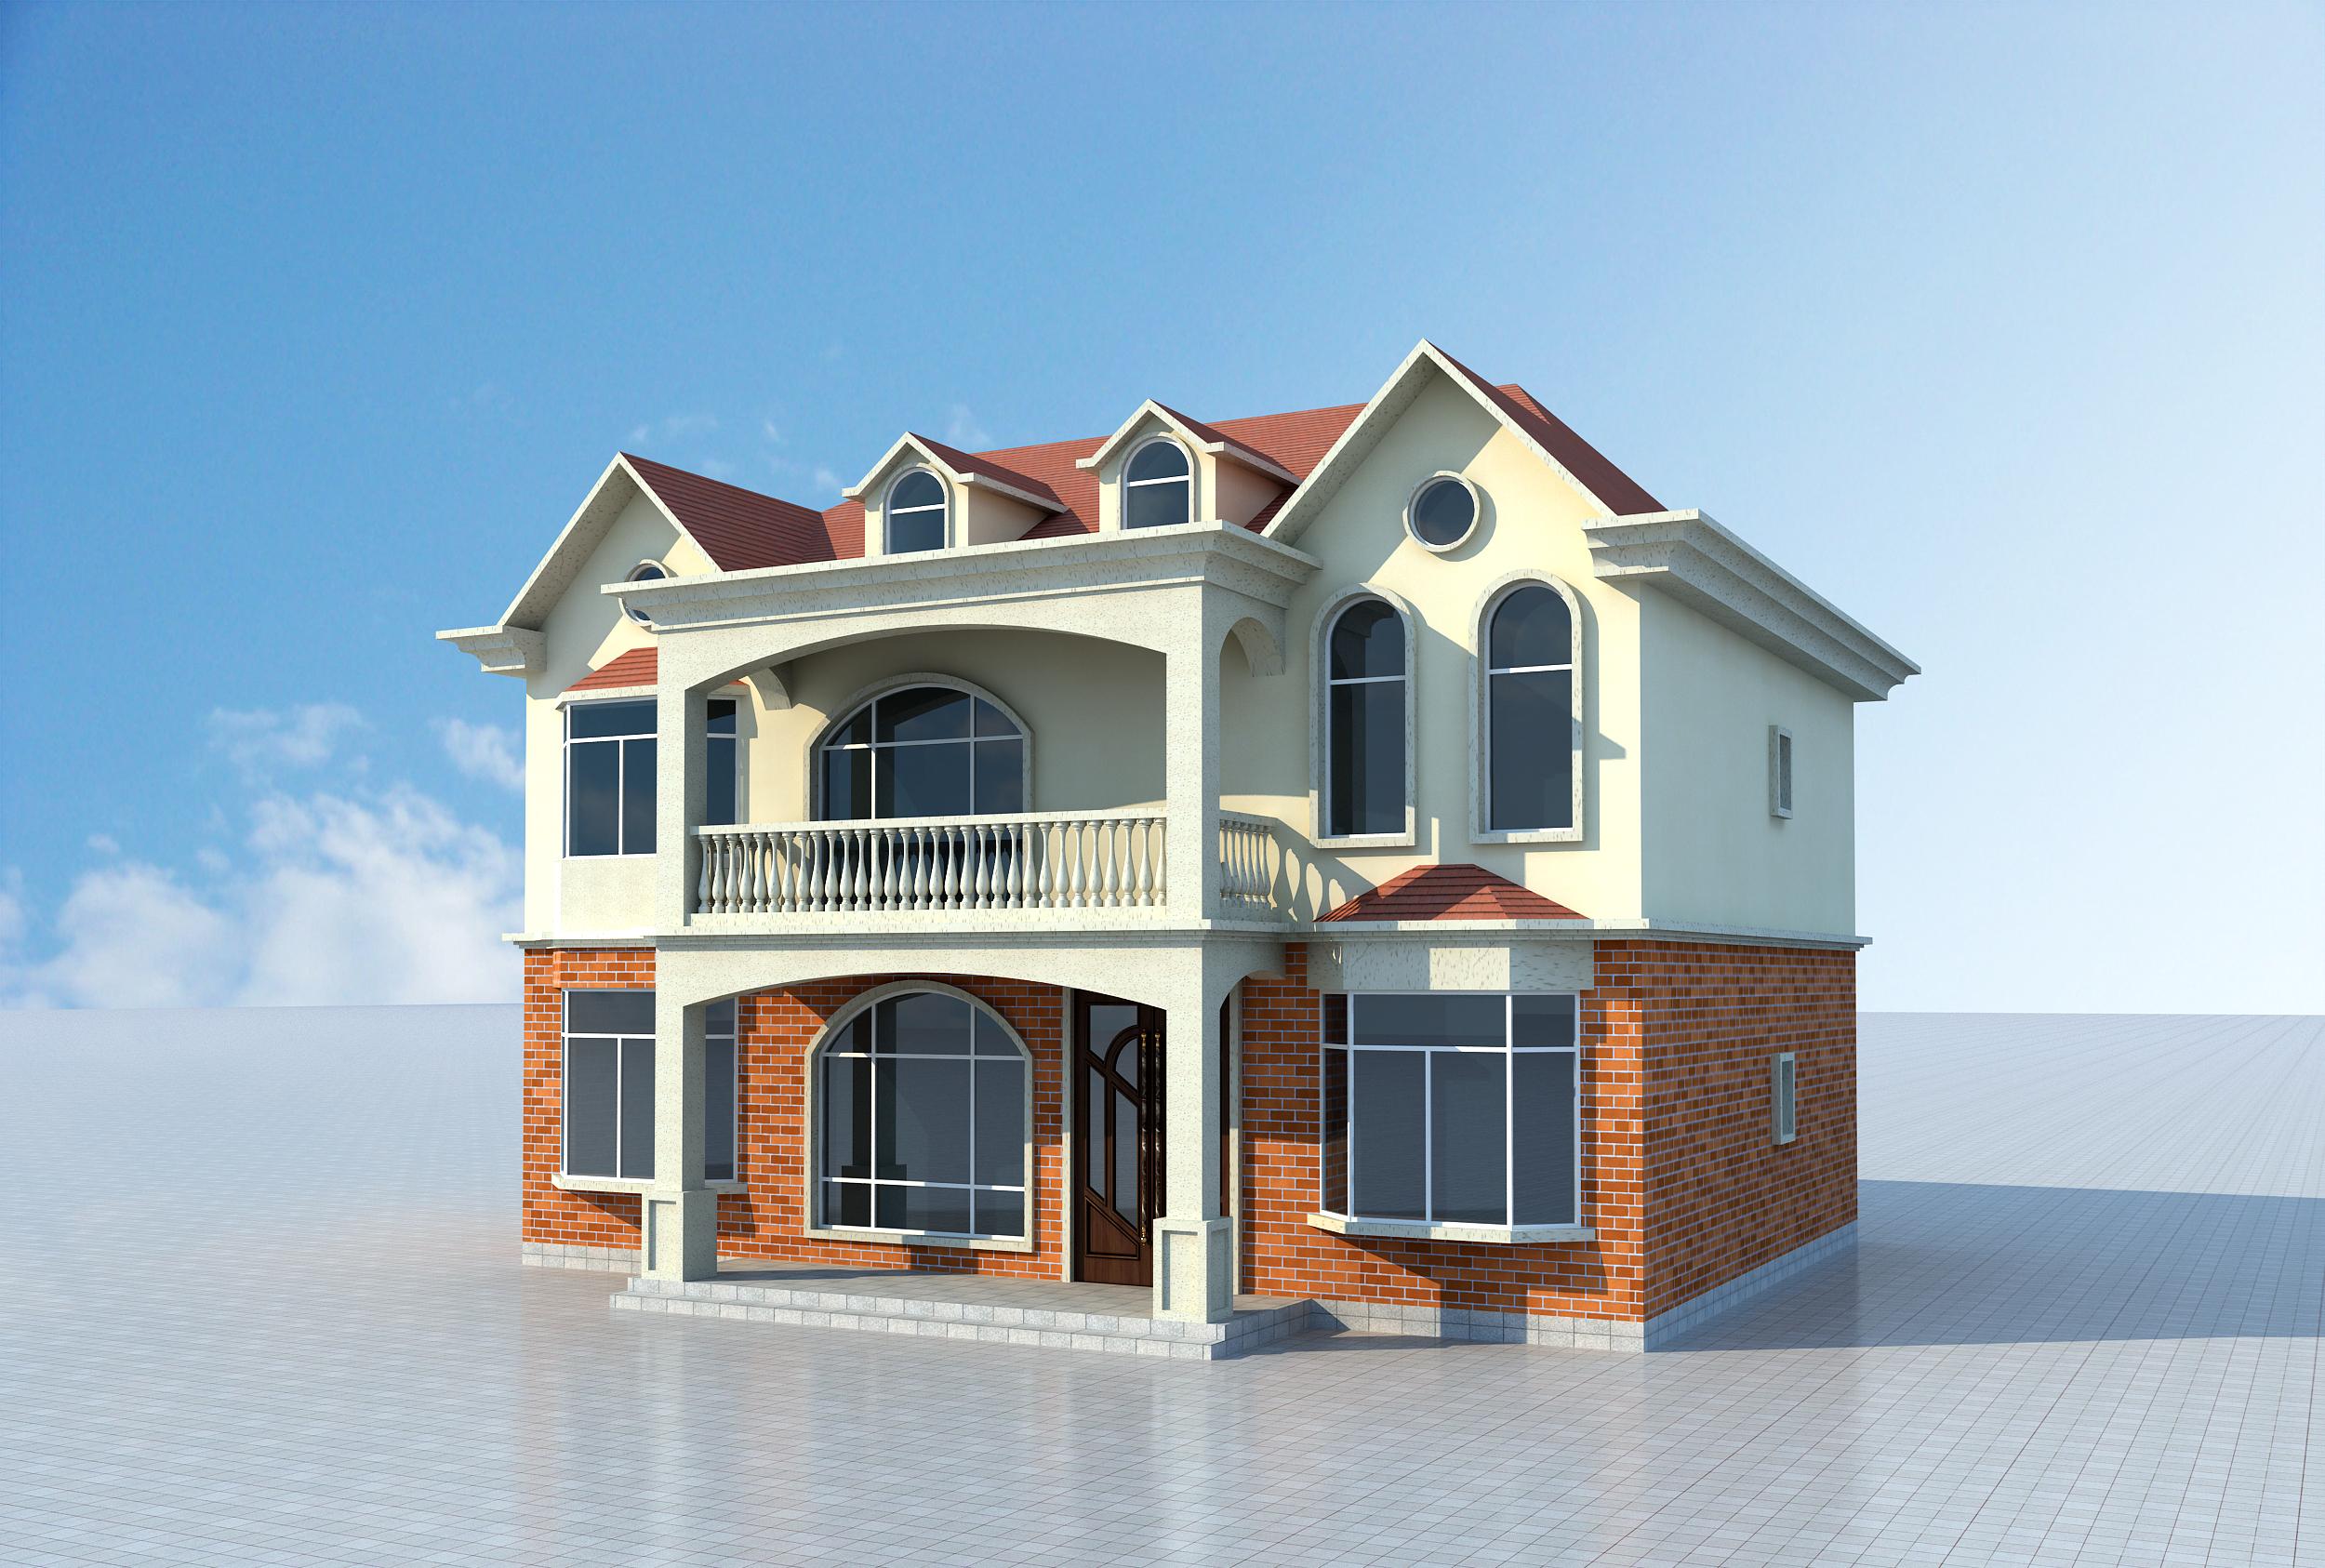 普通农村自建房别墅全套CAD施工图纸效果图平面布局建筑设计